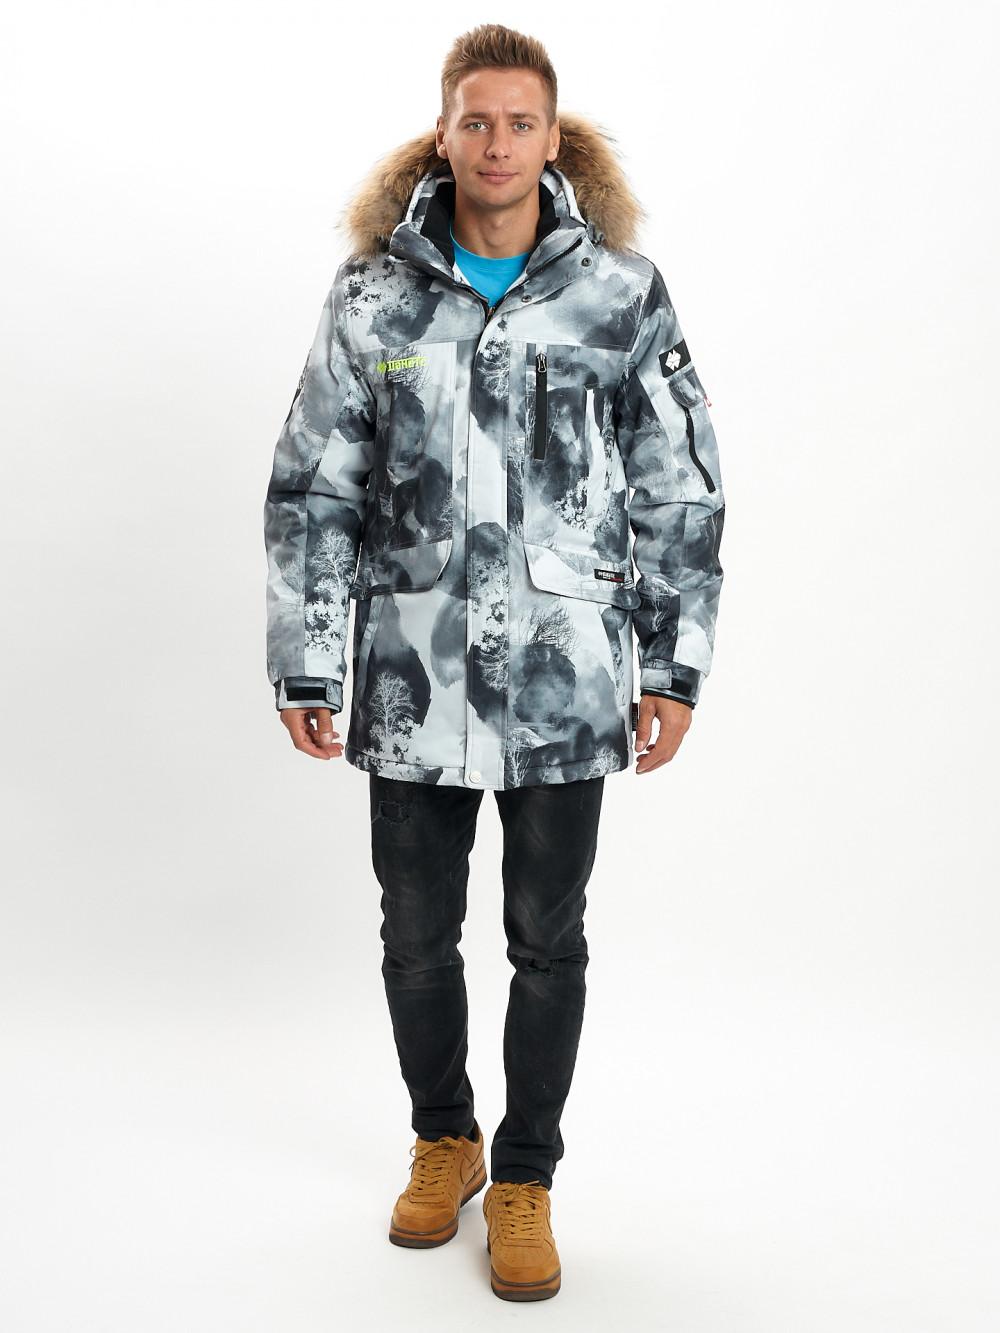 Купить оптом Mолодежная зимняя куртка мужская серого цвета 737Sr в Екатеринбурге